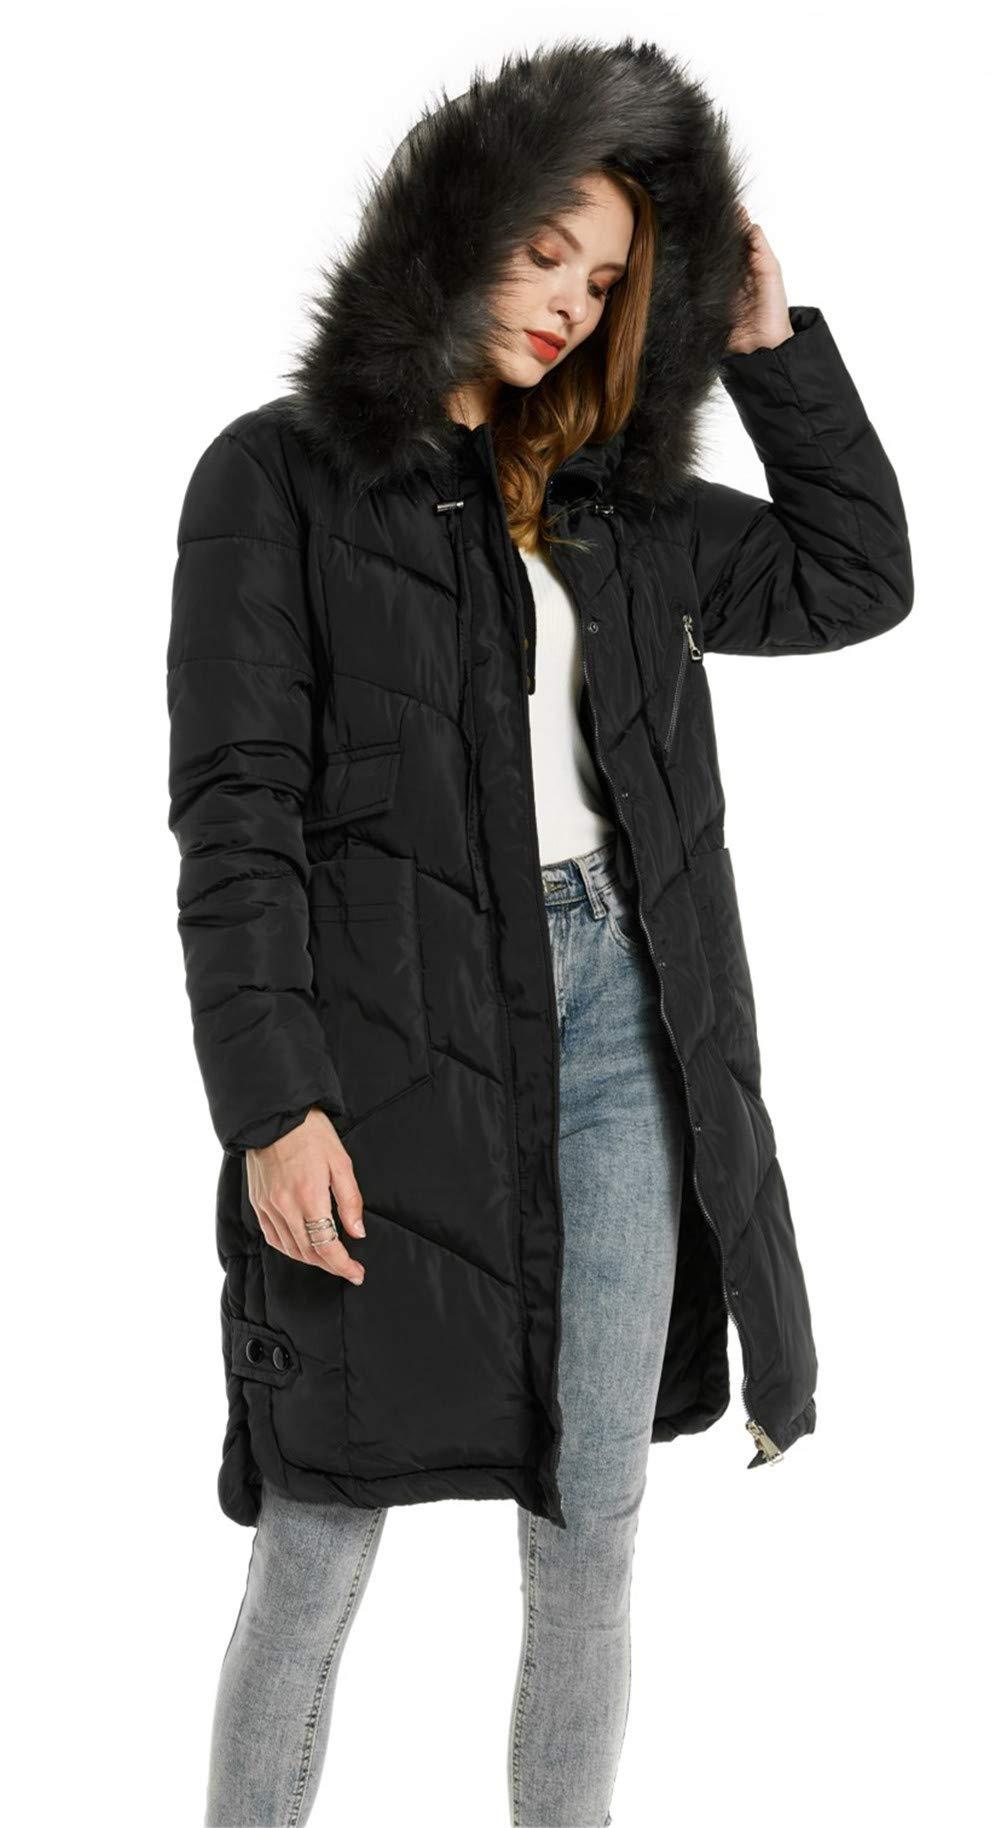 6633e4138de76 Doudoune Femme Chaud Parka Manteau en Coton Hiver Blouson Fourrure avec  Capuche Rembourré Veste product image